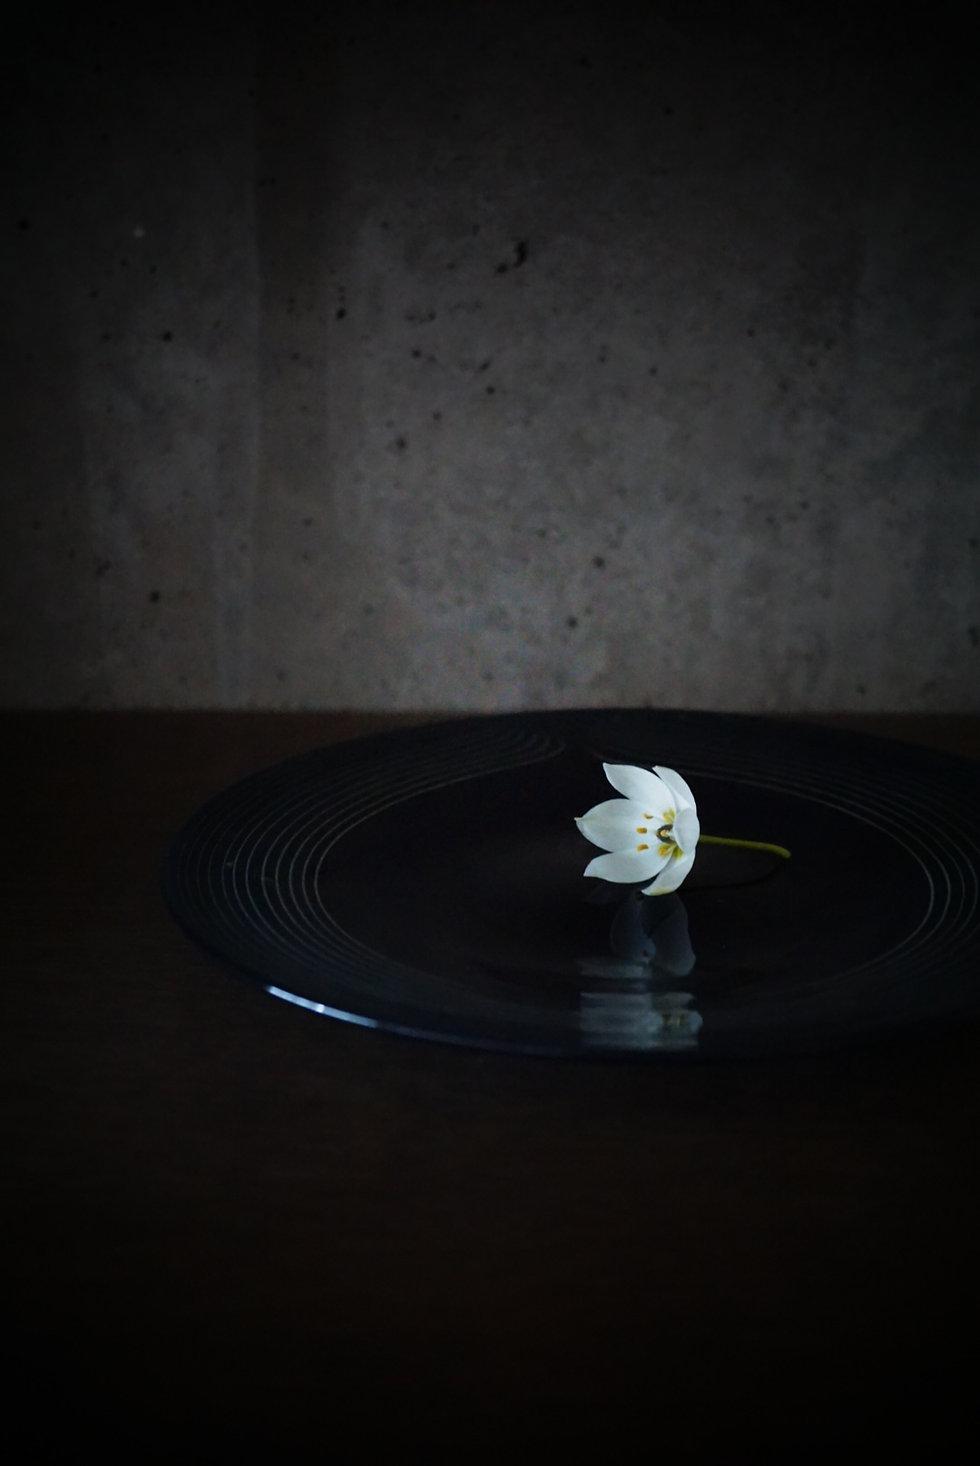 Frescoのガラス食器、hibikiは音の「響き」を表現して波紋のような美しいプレートで料理の美味しさを引き立てます。